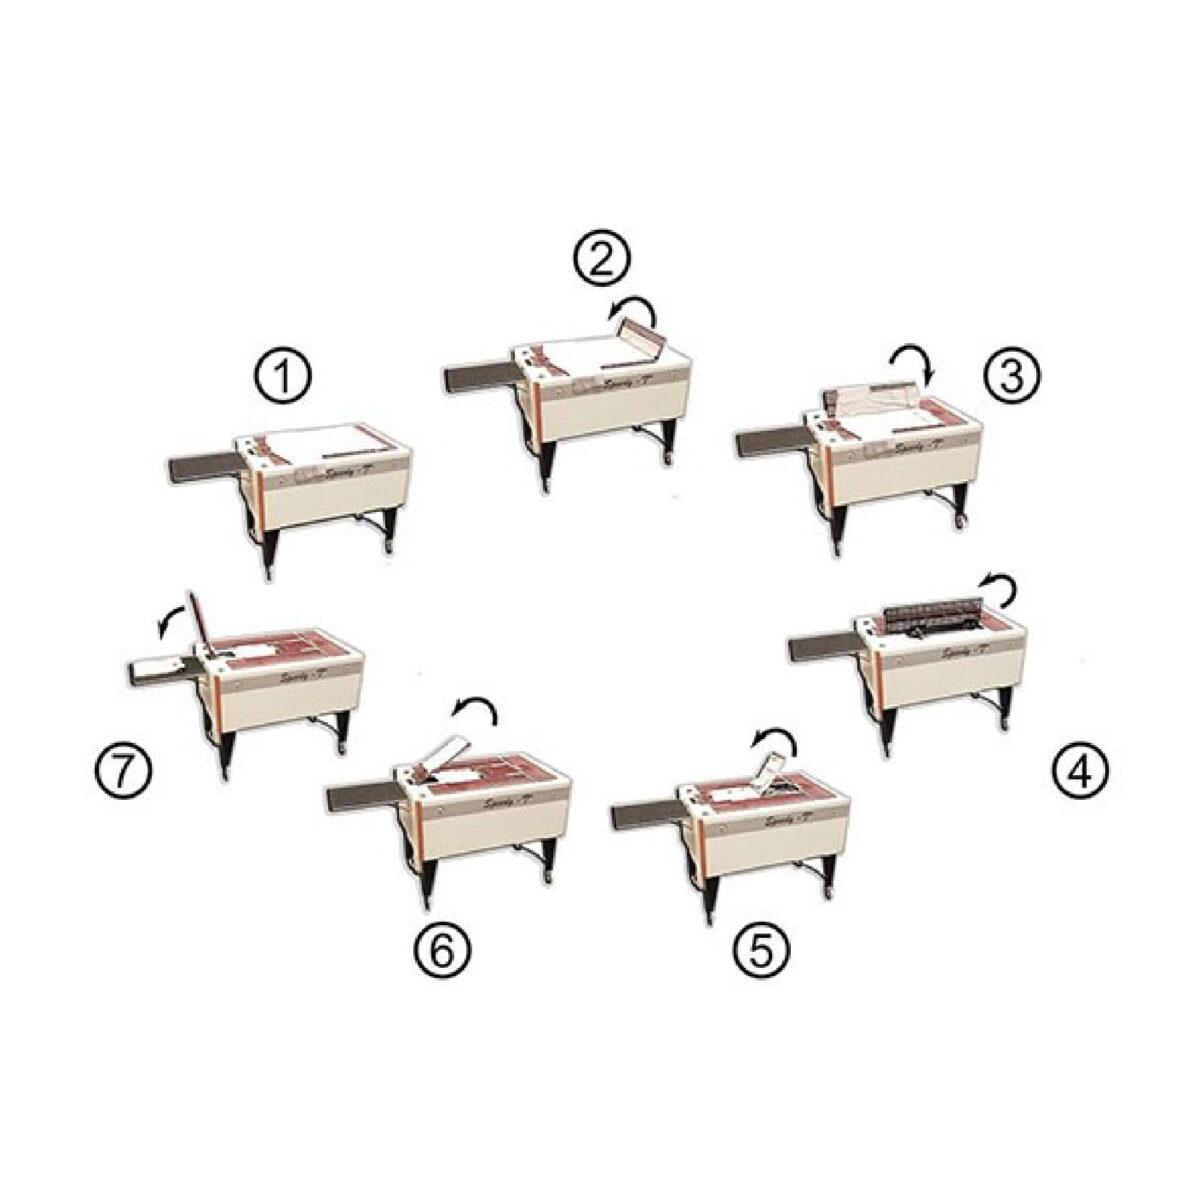 Chiossi e Cavazzuti Speedy T Folding Machine with garment diagram